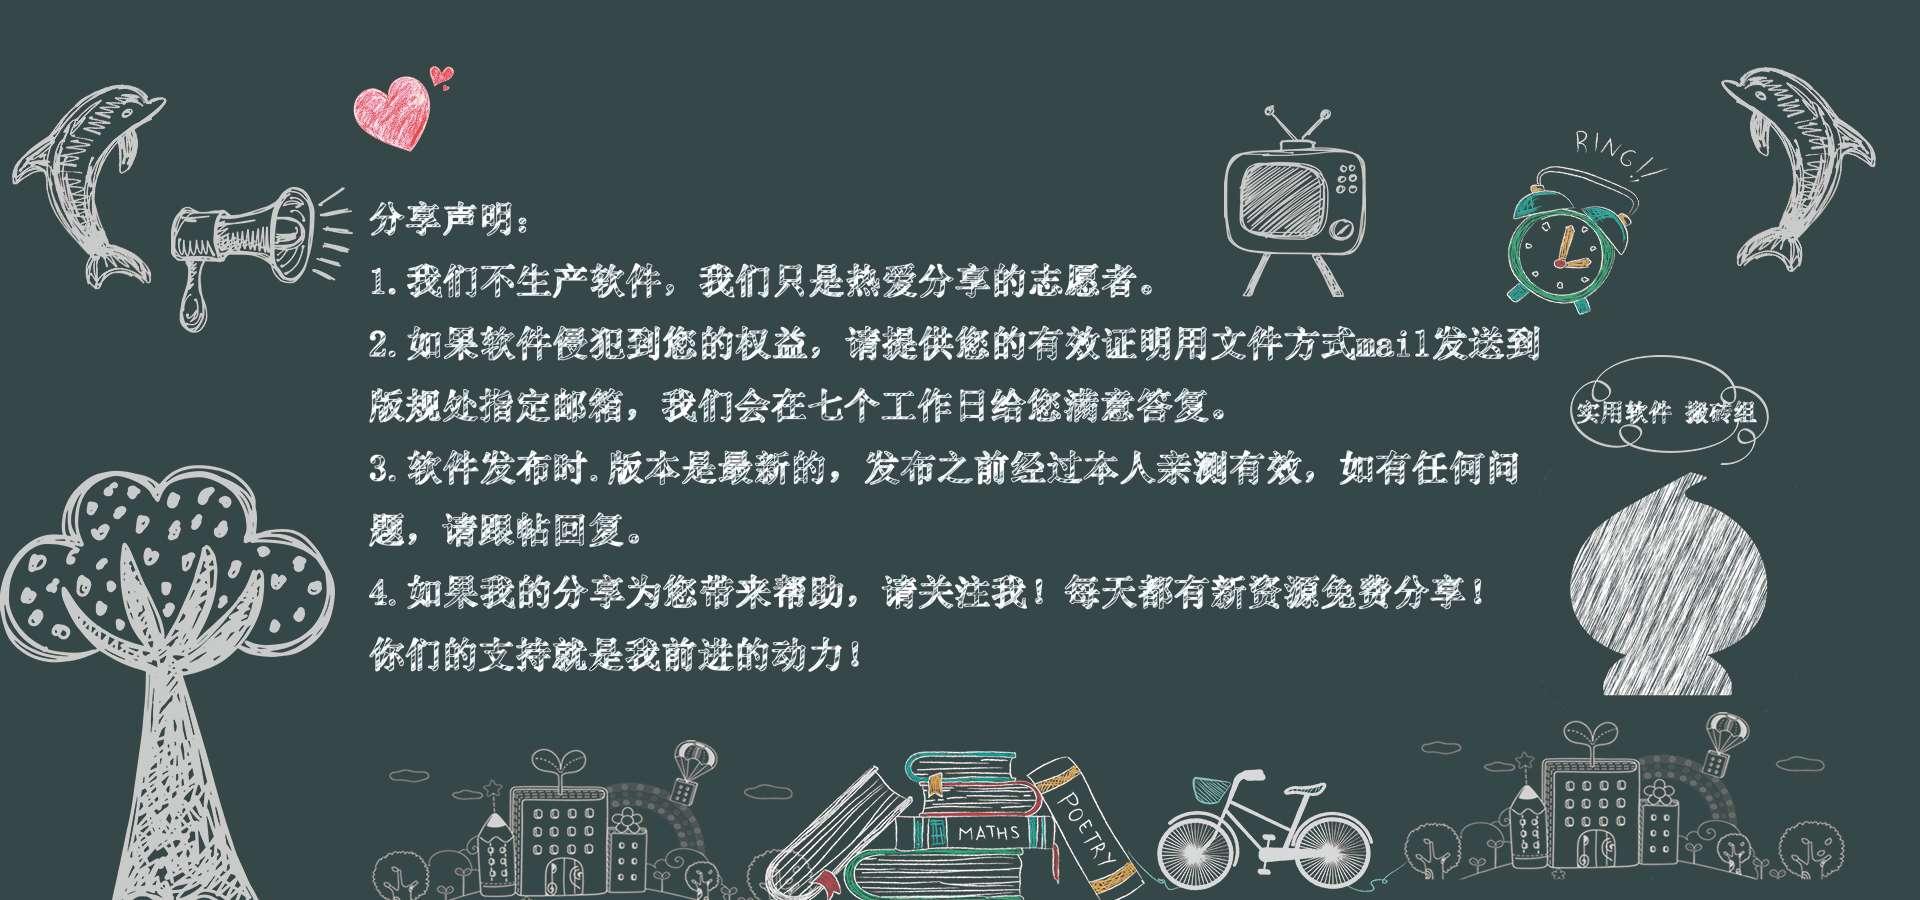 【资源分享】飒漫画 v2.1.8 修改版-爱小助